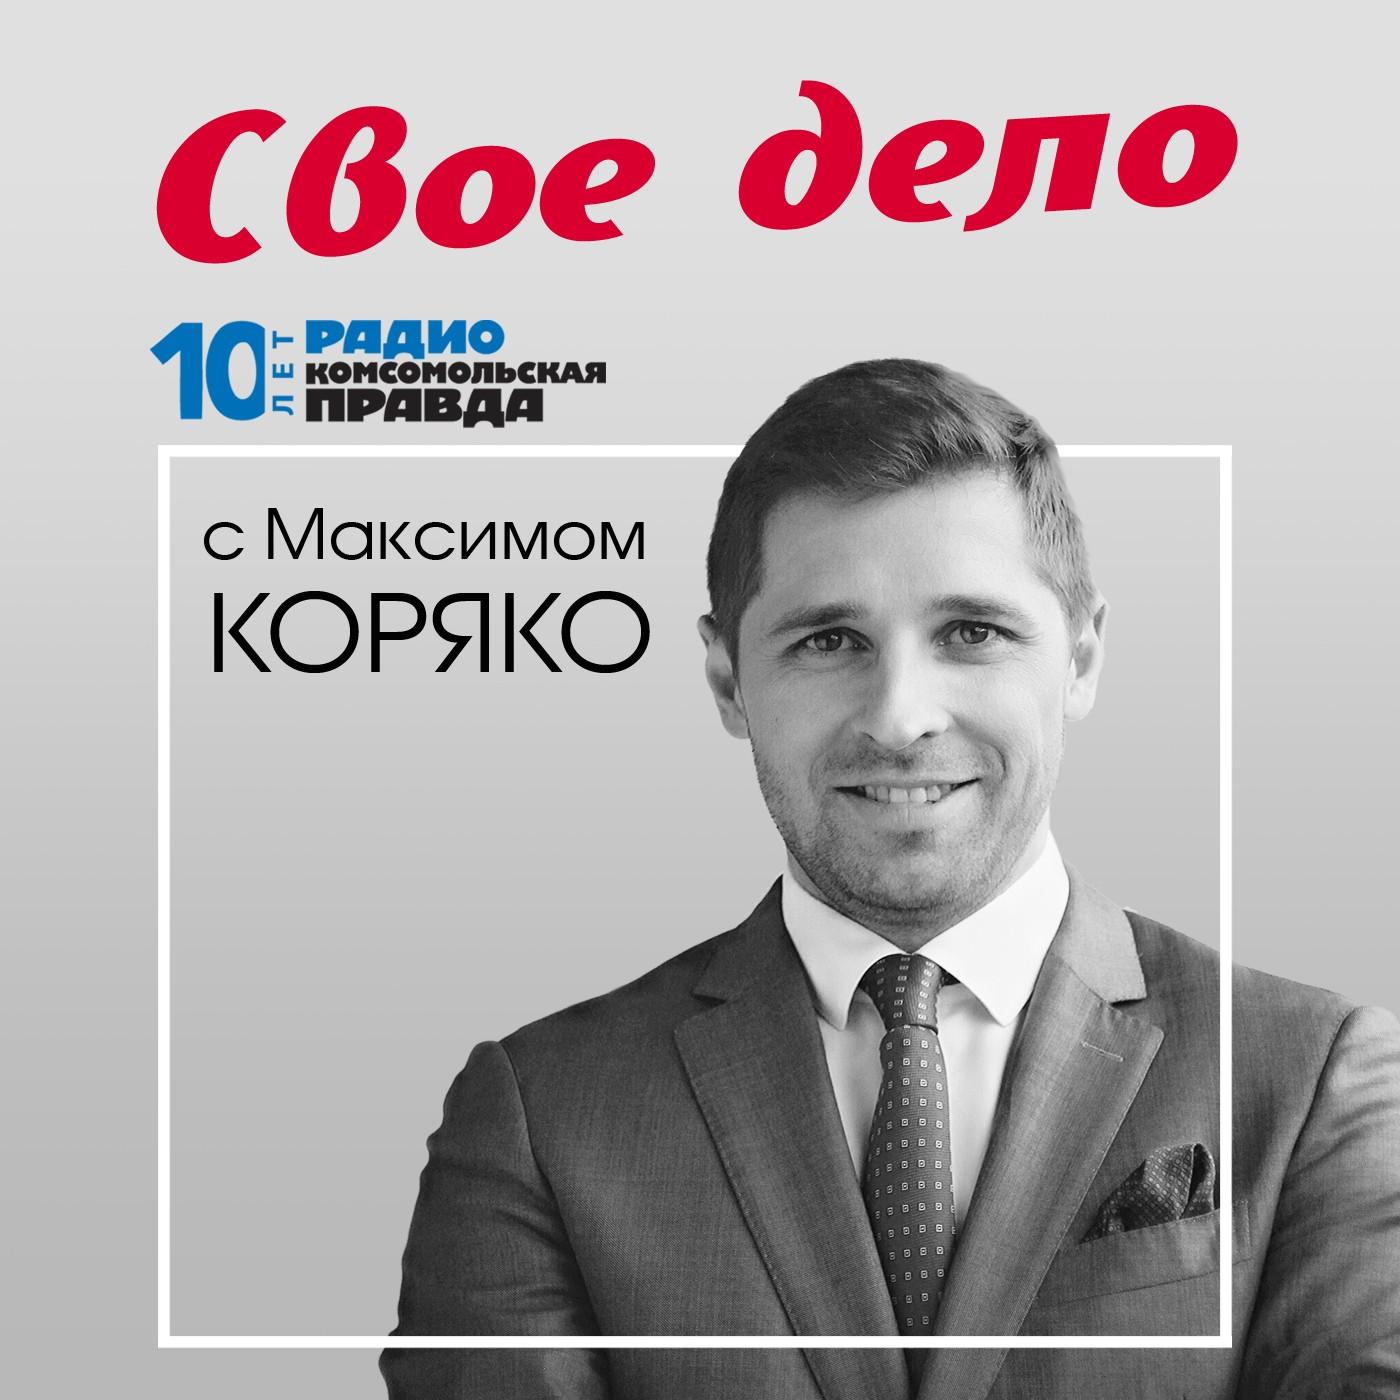 Радио «Комсомольская правда» Как купить готовый бизнес: присматриваемся к торговой точке